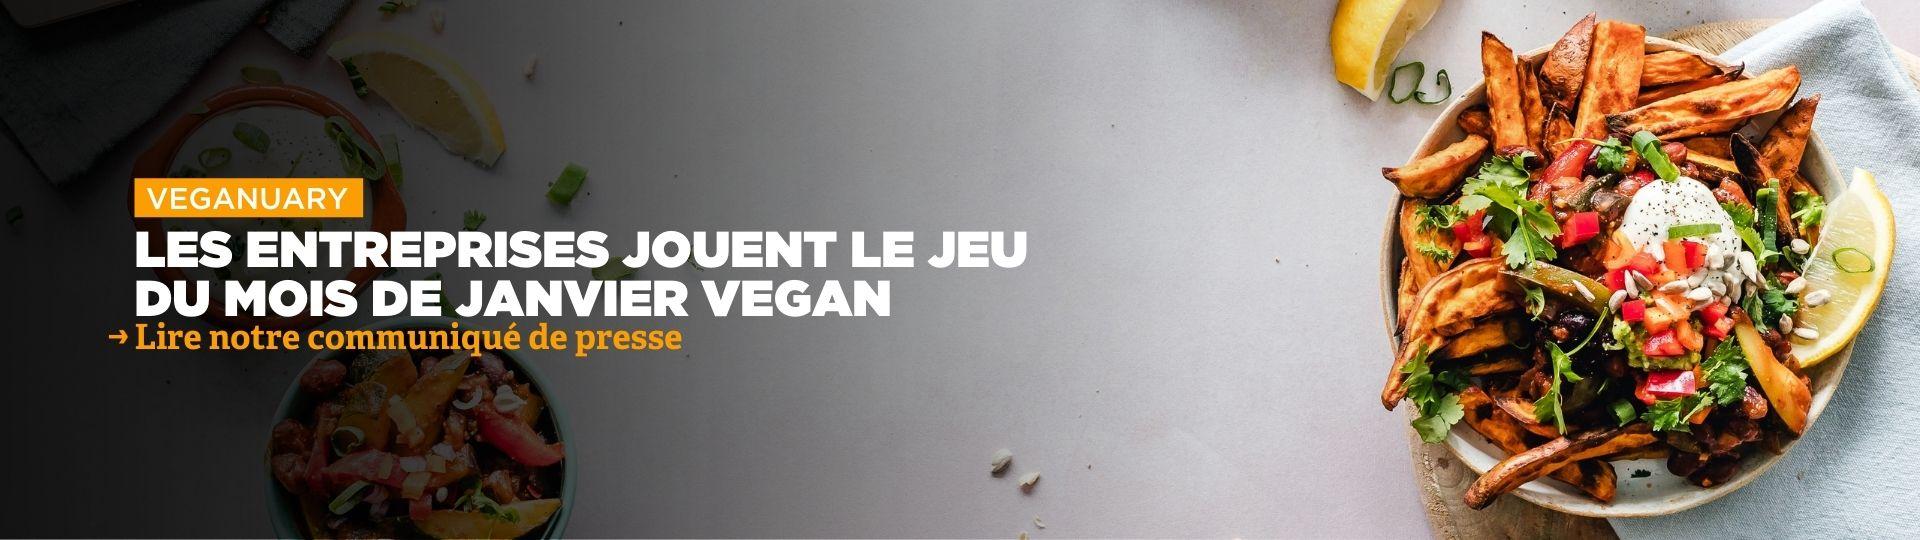 Les entreprises jouent le jeu du mois de janvier vegan